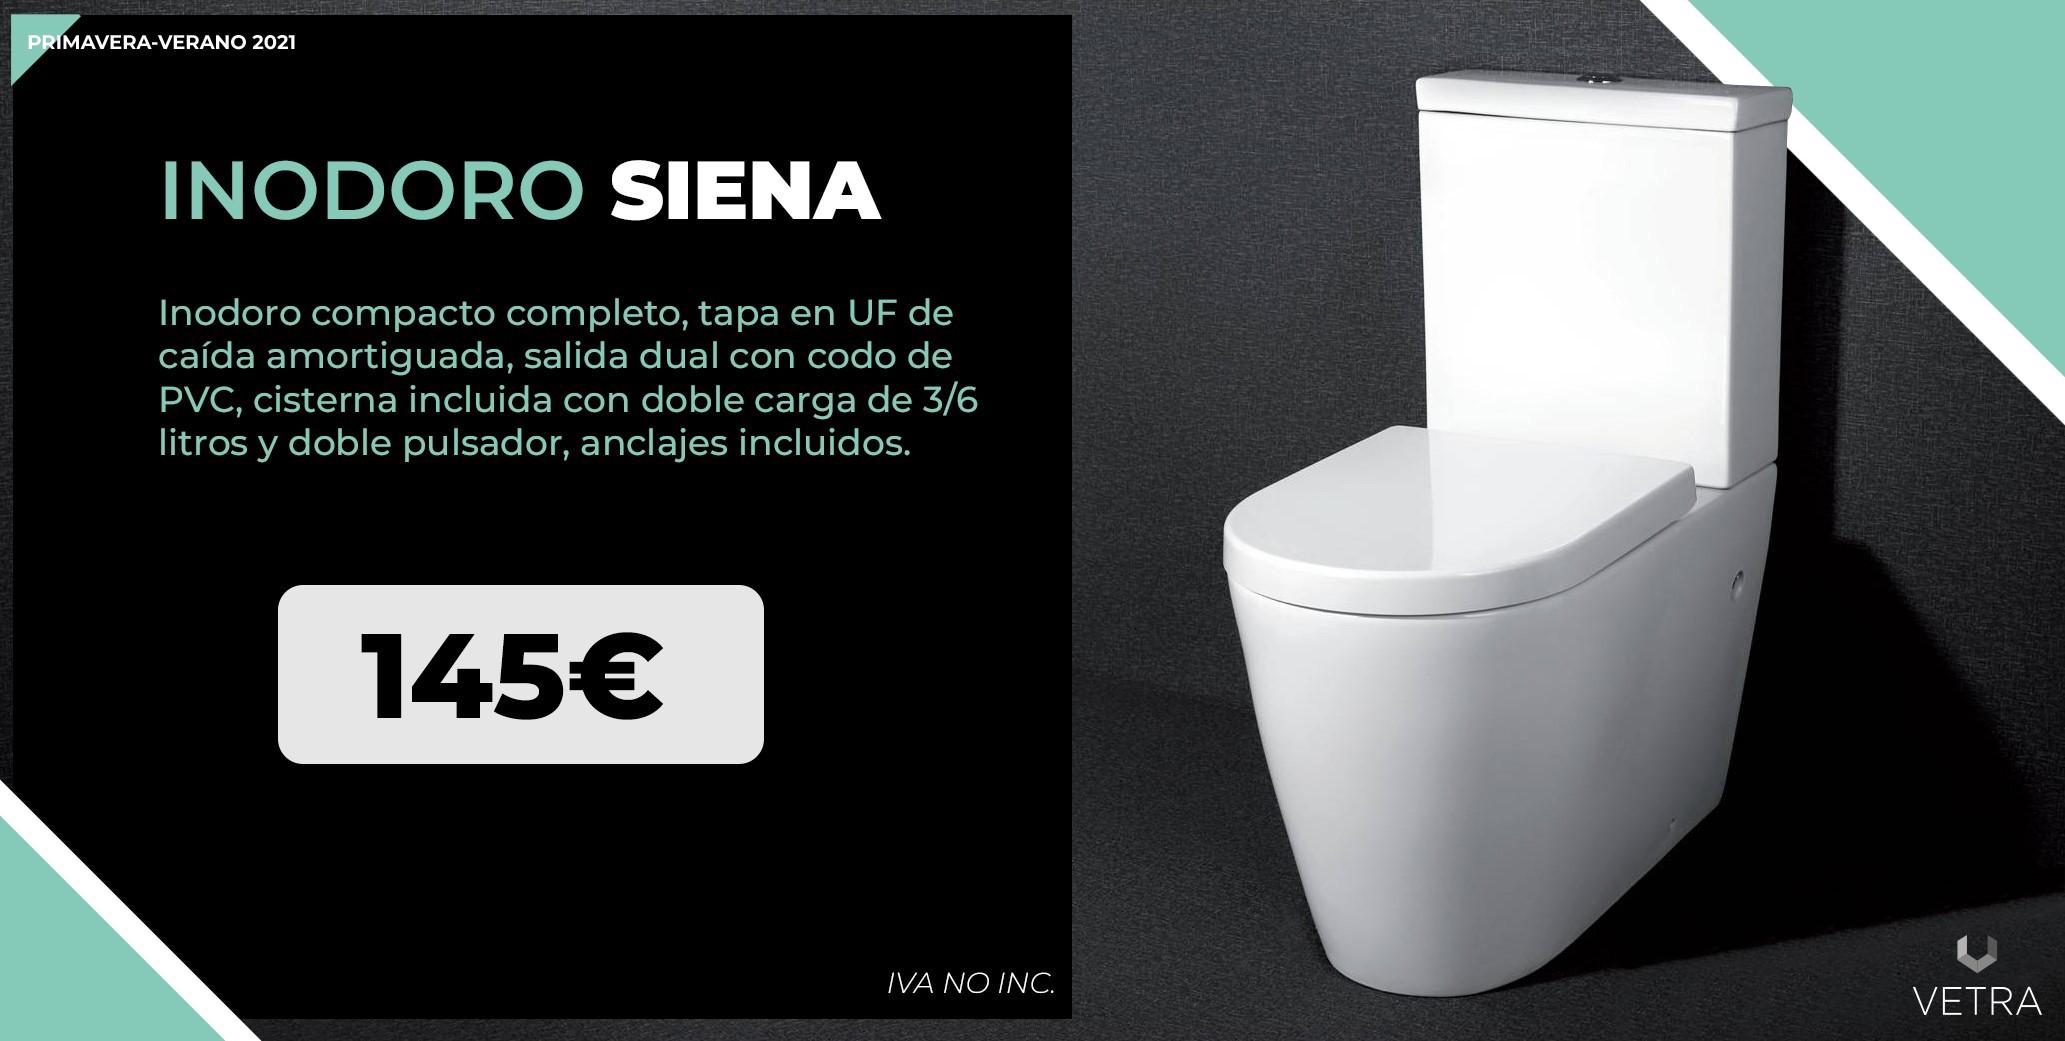 Inodoro SIENA